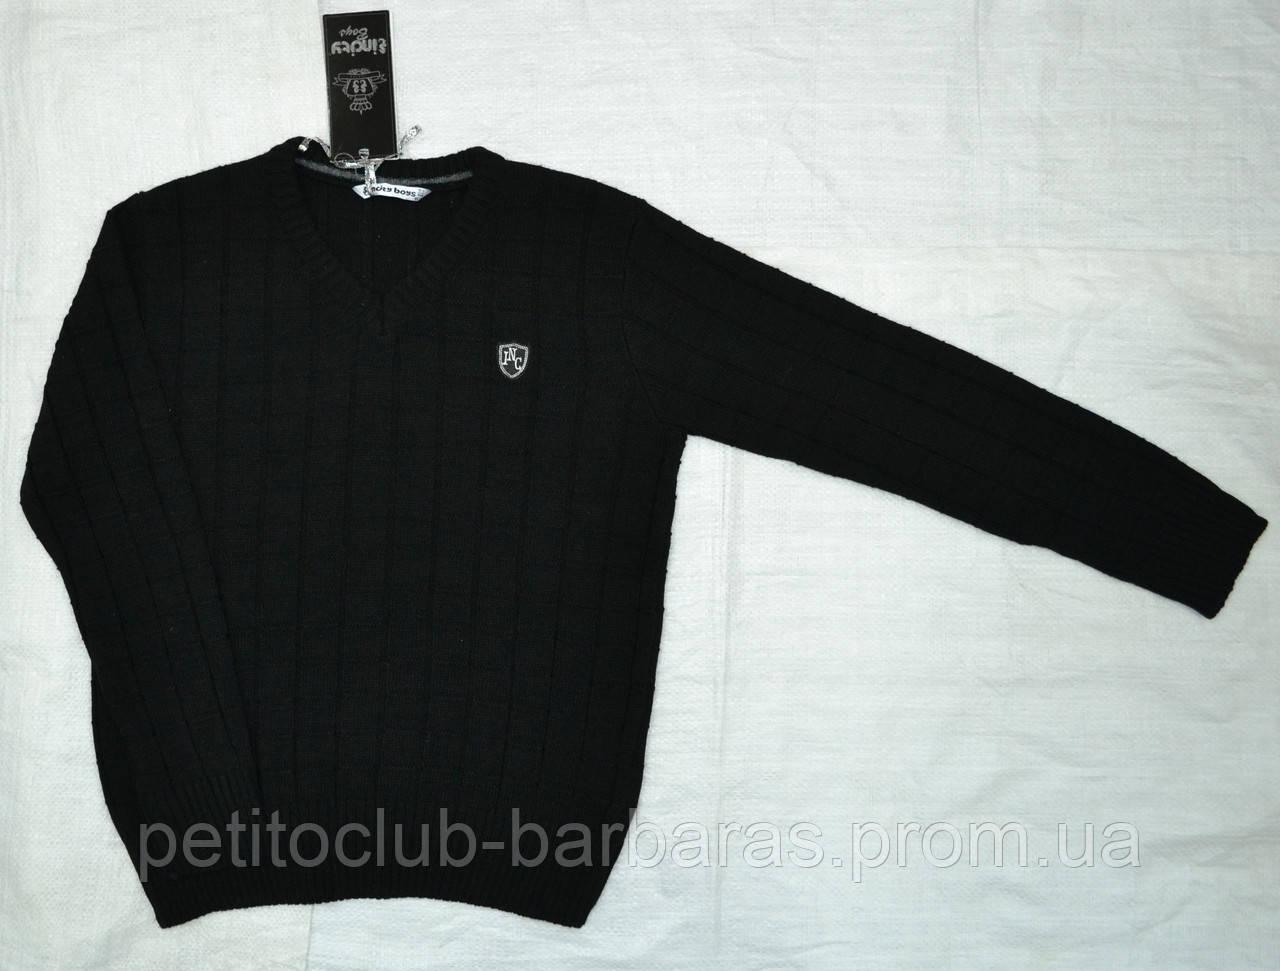 Теплый классический пуловер для мальчика однотонный черный (InCity, Турция)